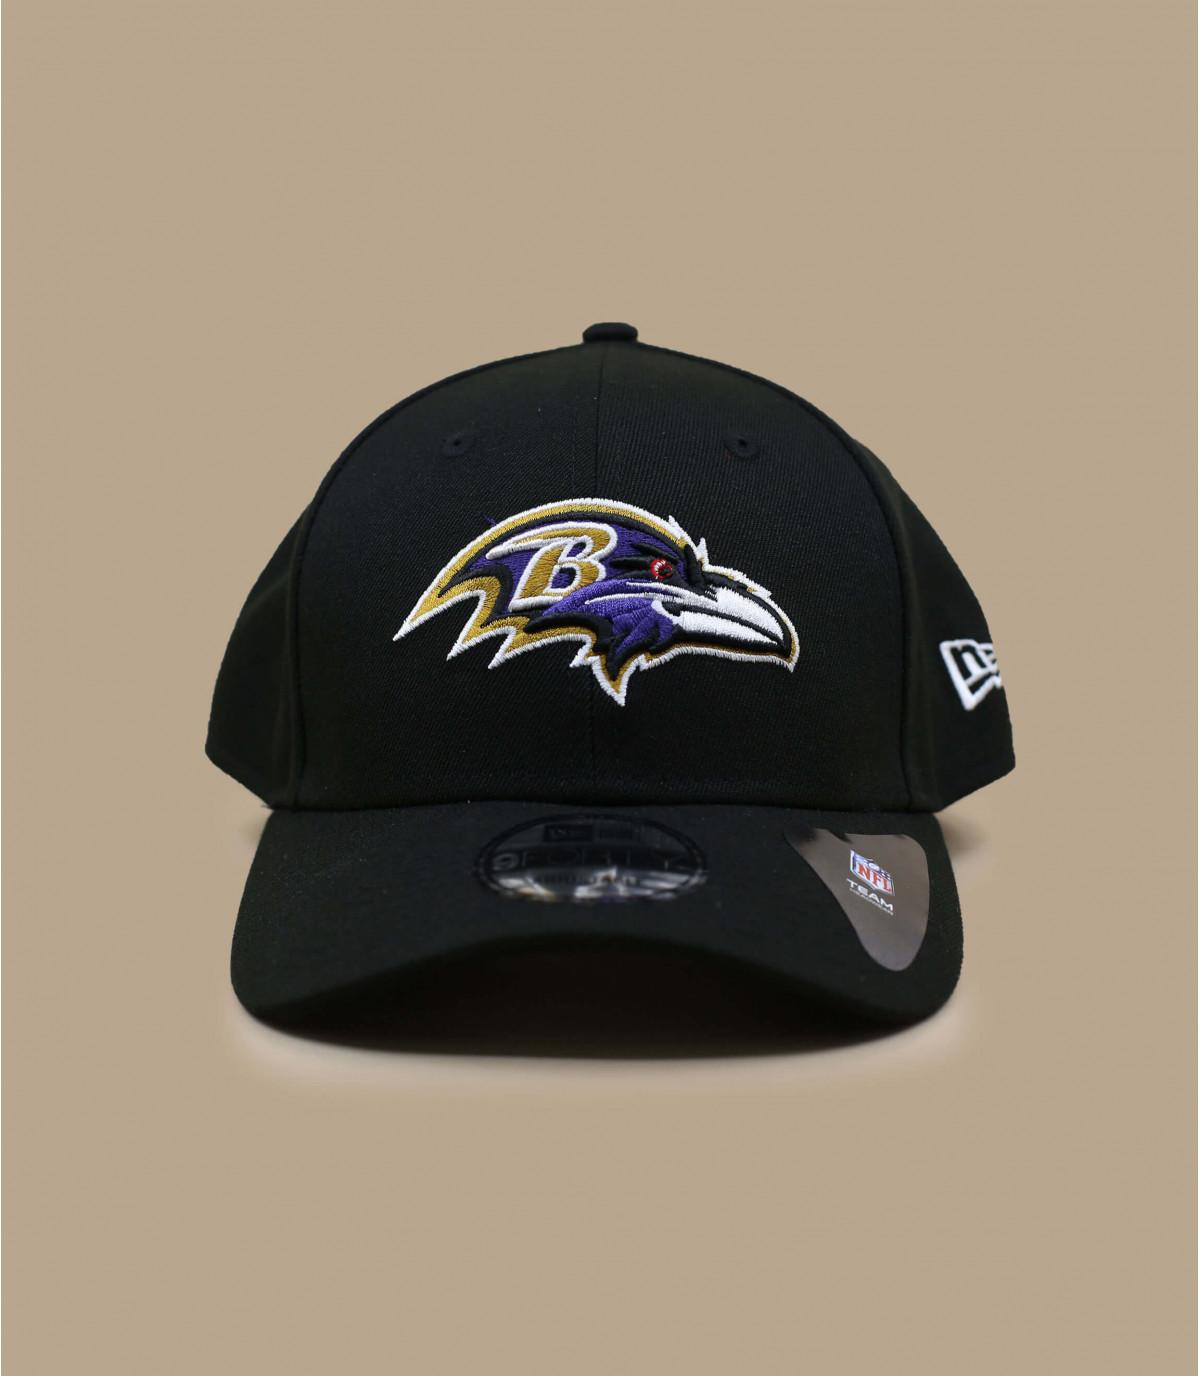 a4c1595fae74e New Era. black Ravens curve cap. Détails Cap Raven The League team - image  5; Détails Cap Raven The League team - image ...